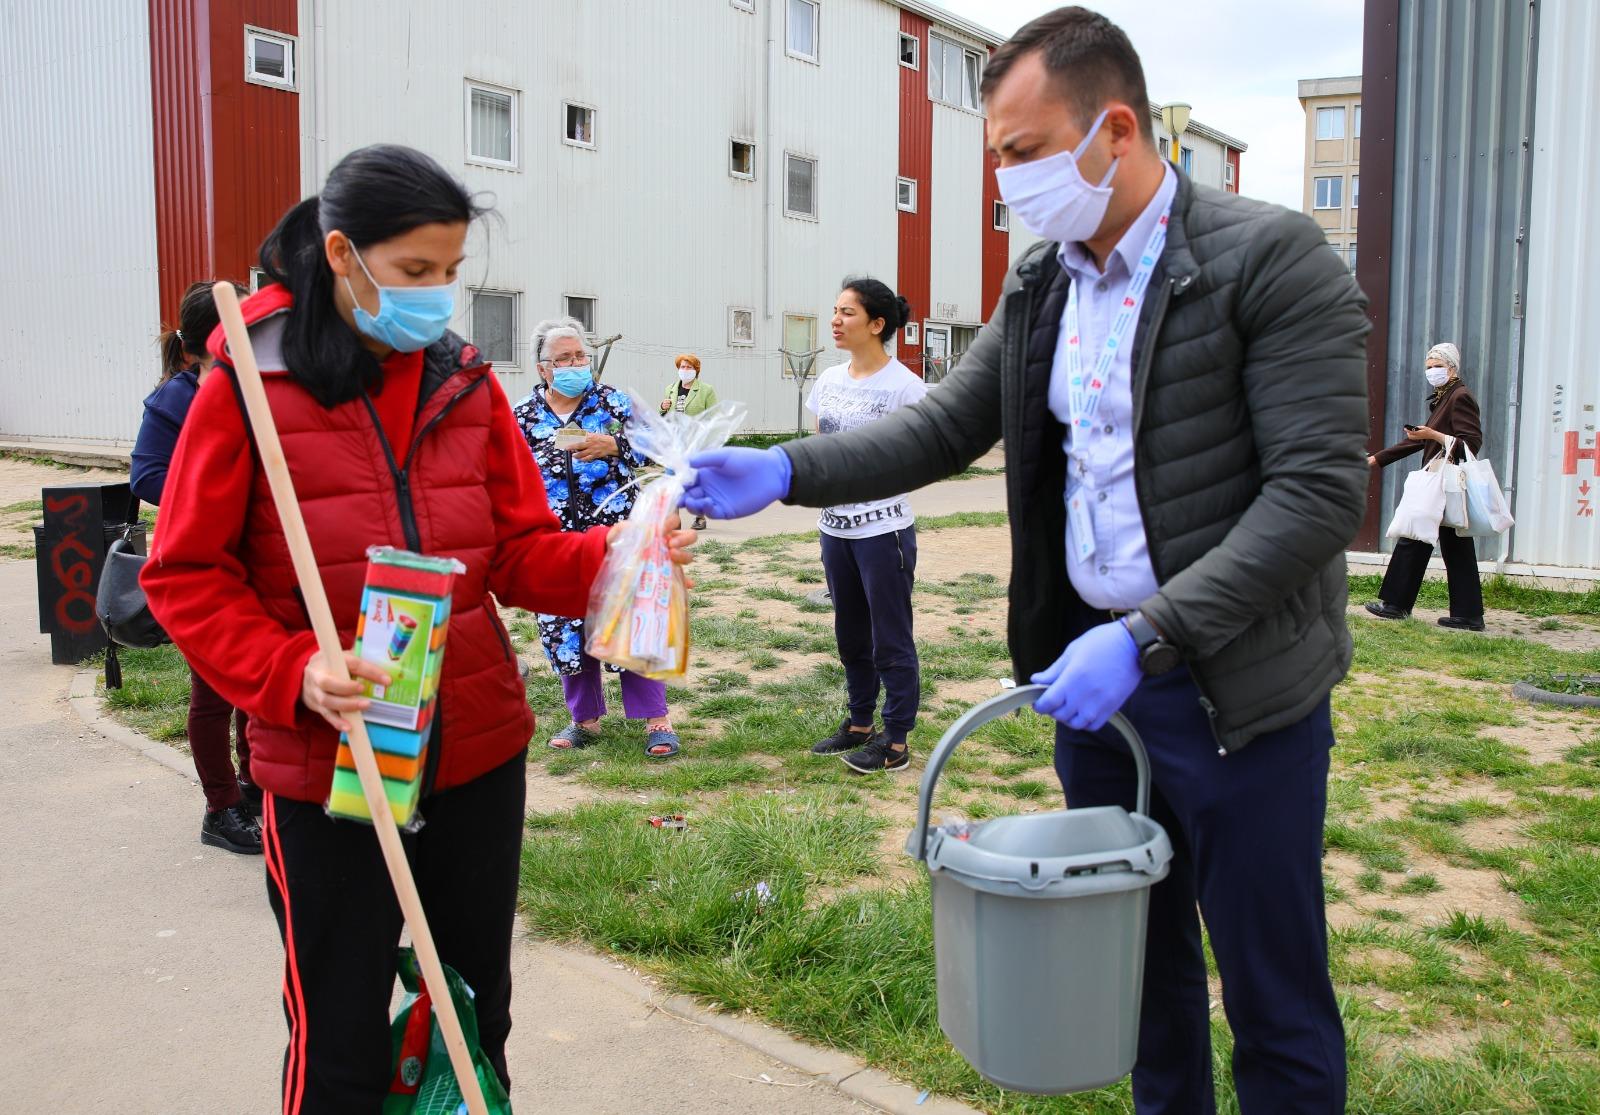 Distribuire kit-urile de igienă personală și pentru îngrijirea locuinței